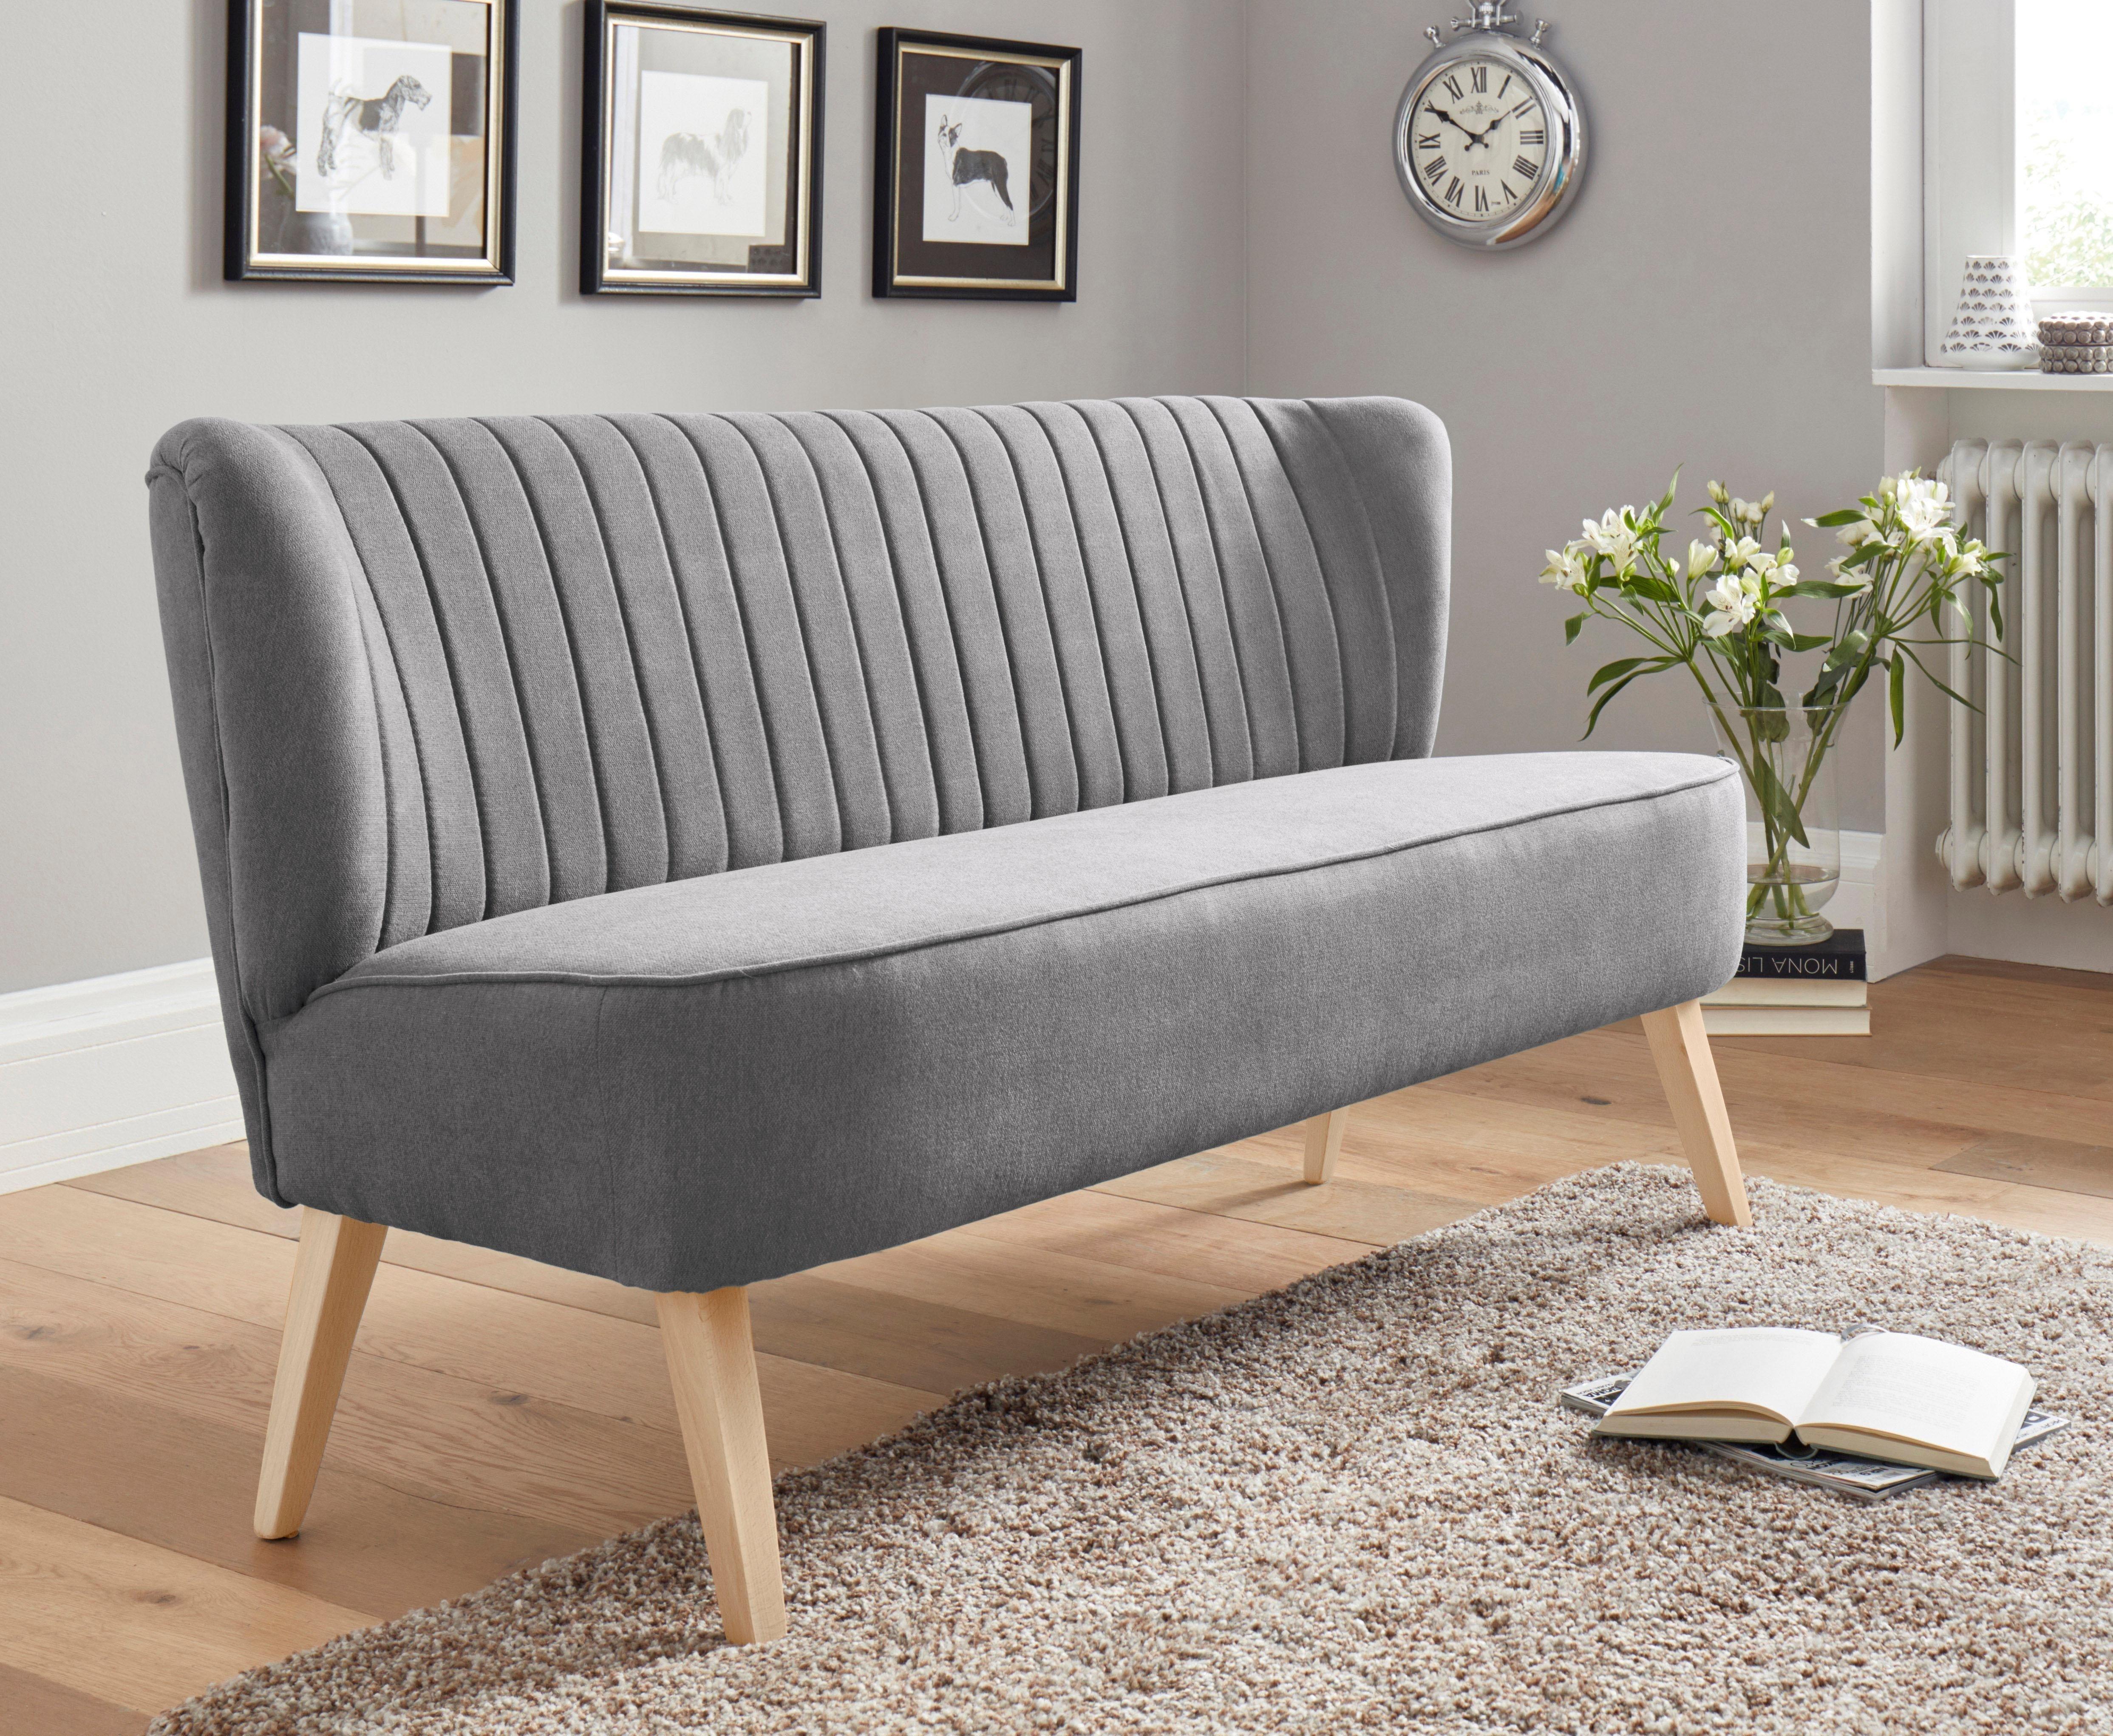 Sofa Design Indian Style Gunstige 2 Sitzer Sofa Mit Schlaffunktion Ecksofa Mit Schlaffunktion Braun Xxl Sofa Bil Sofa Design Sofa Billig Kleine Wohnkuche